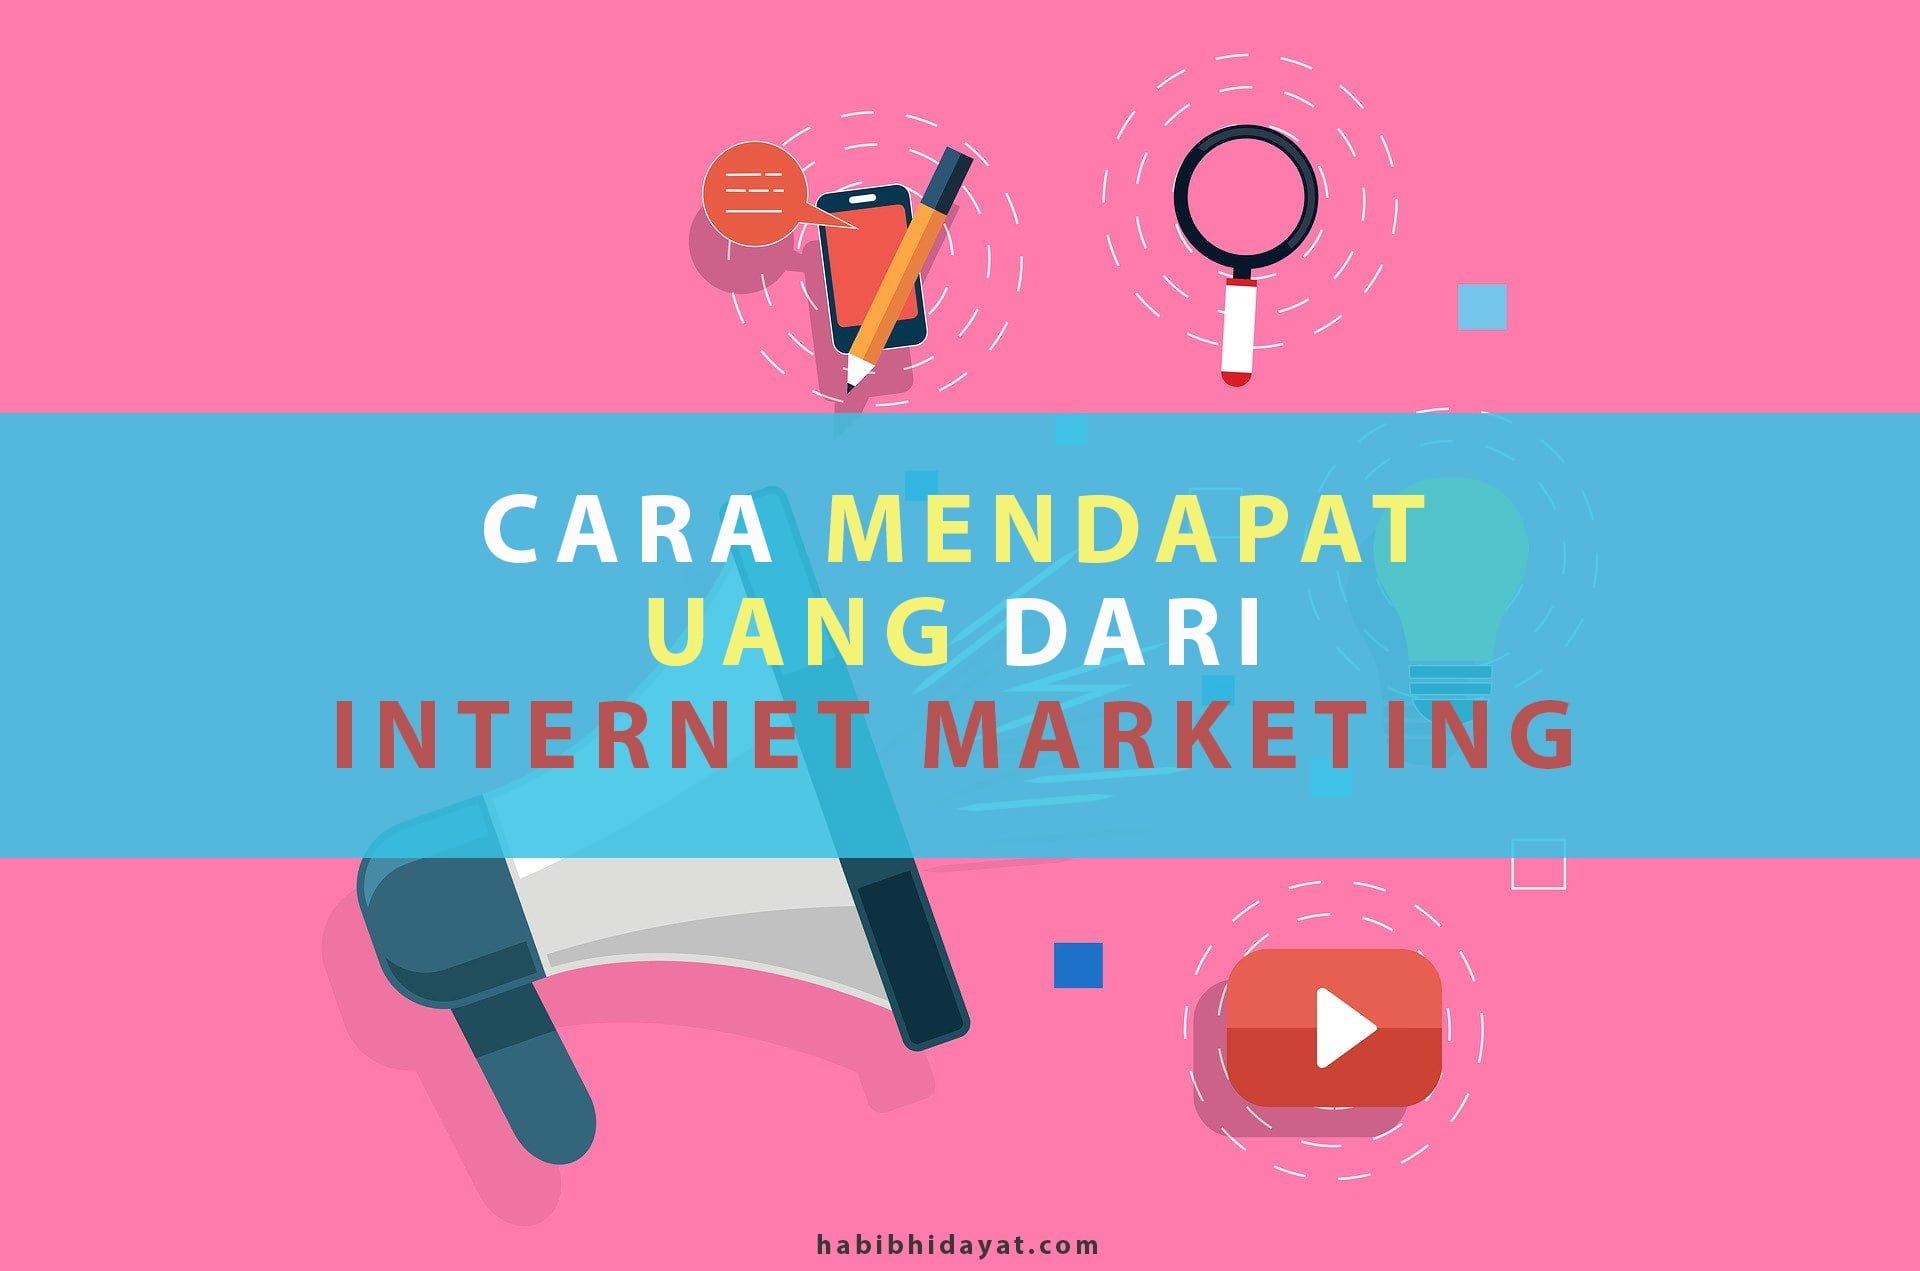 Inilah 5 Cara Mendapatkan Uang Dengan Internet Marketing